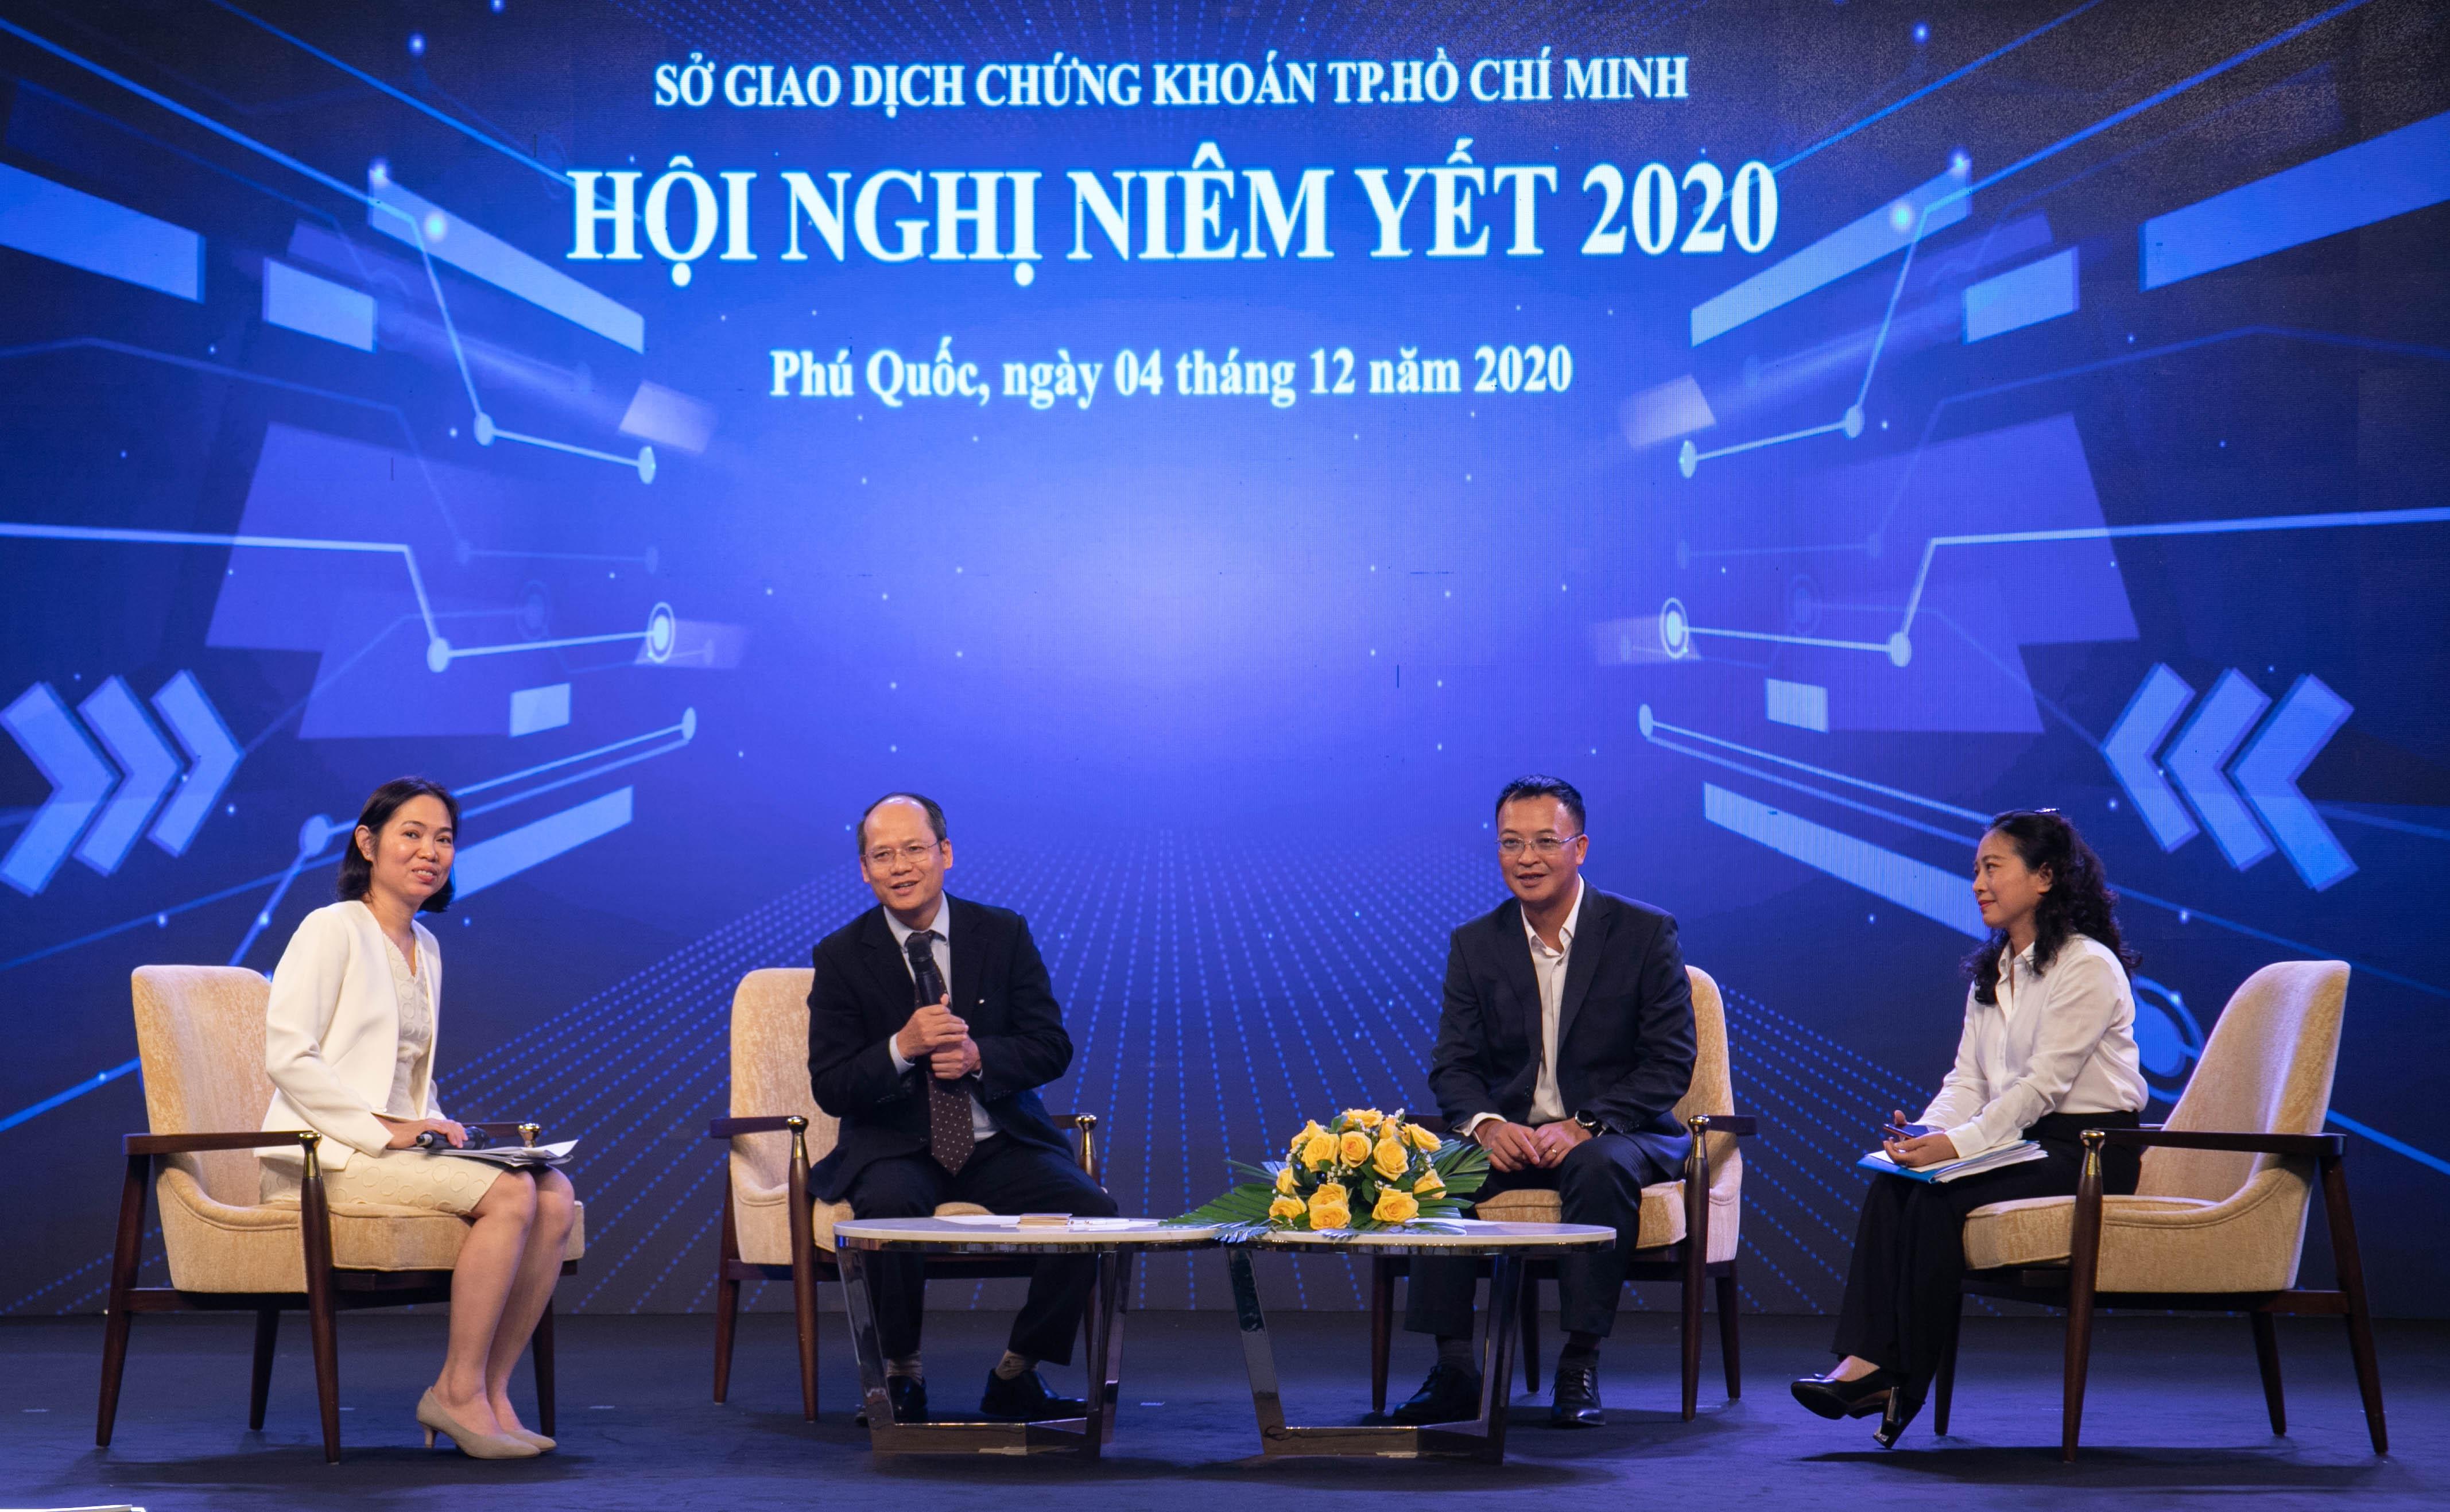 https://www.aravietnam.vn/wp-content/uploads/2020/12/IMG_8582.jpg